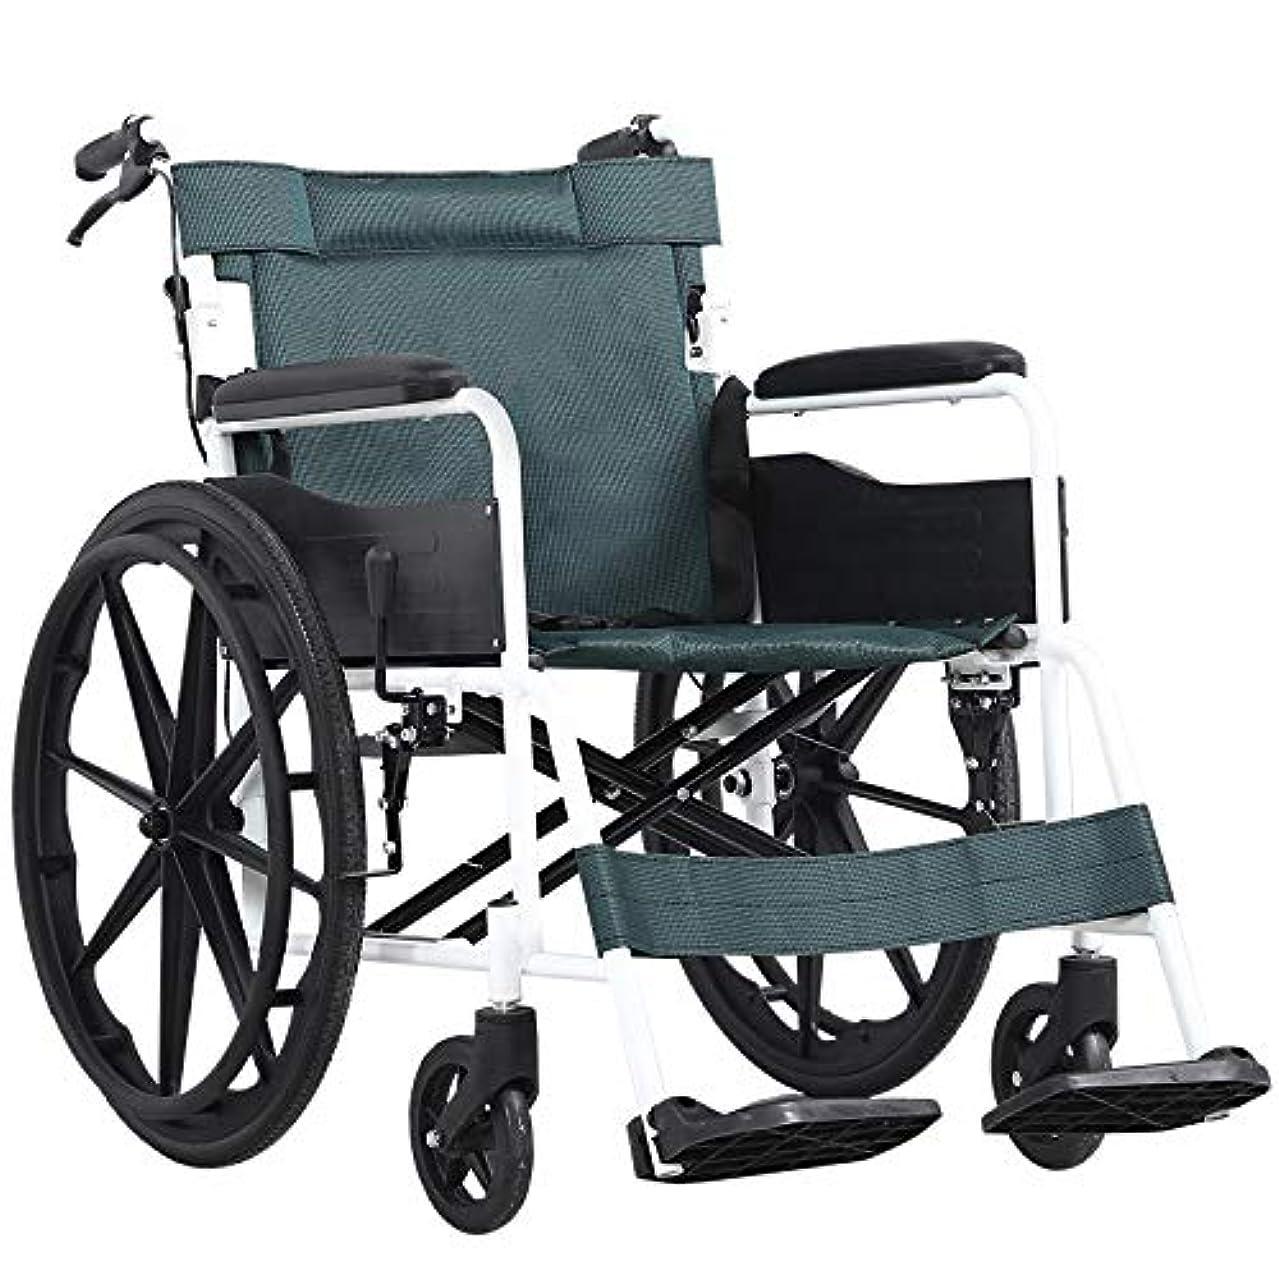 葡萄大人郡障害者のためのレジャー車椅子ブラック22インチソリッドホイールPUソフトアームレスト手動ブレーキ車いす肥厚クッション車椅子